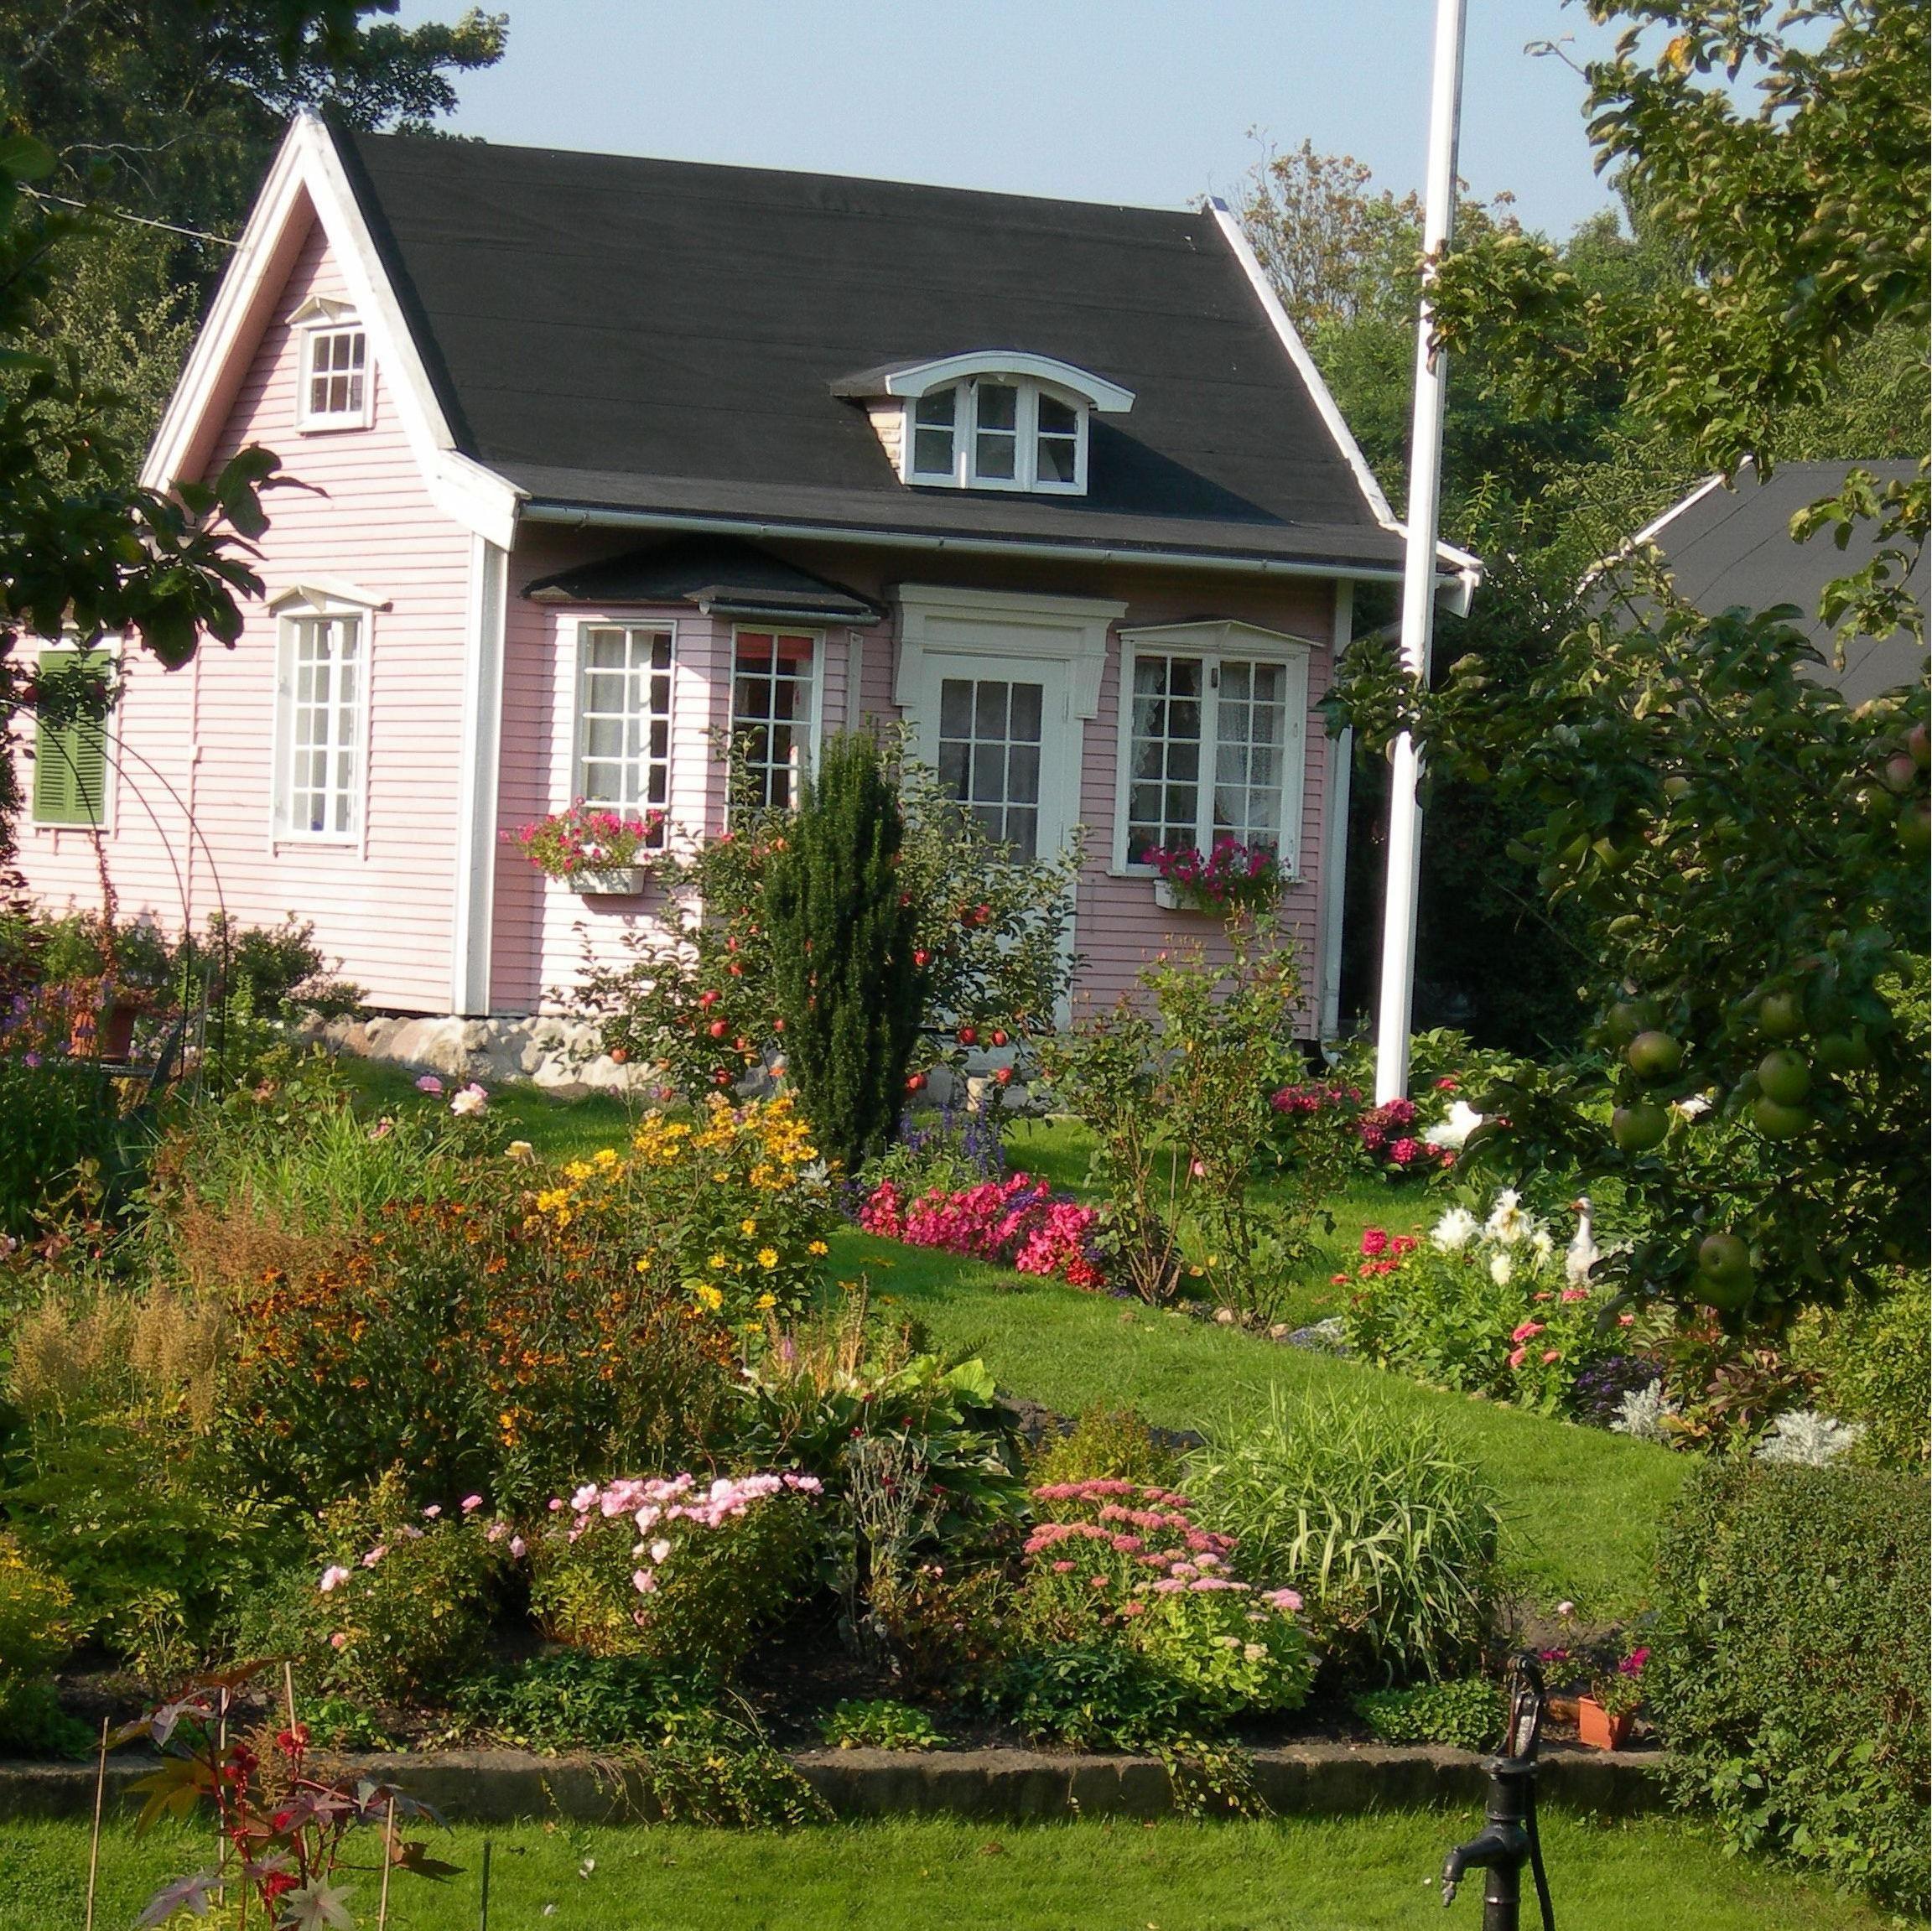 Foto: Turistbyrån Landskrona - Ven, Citadellkolonierna - Allotment gardens